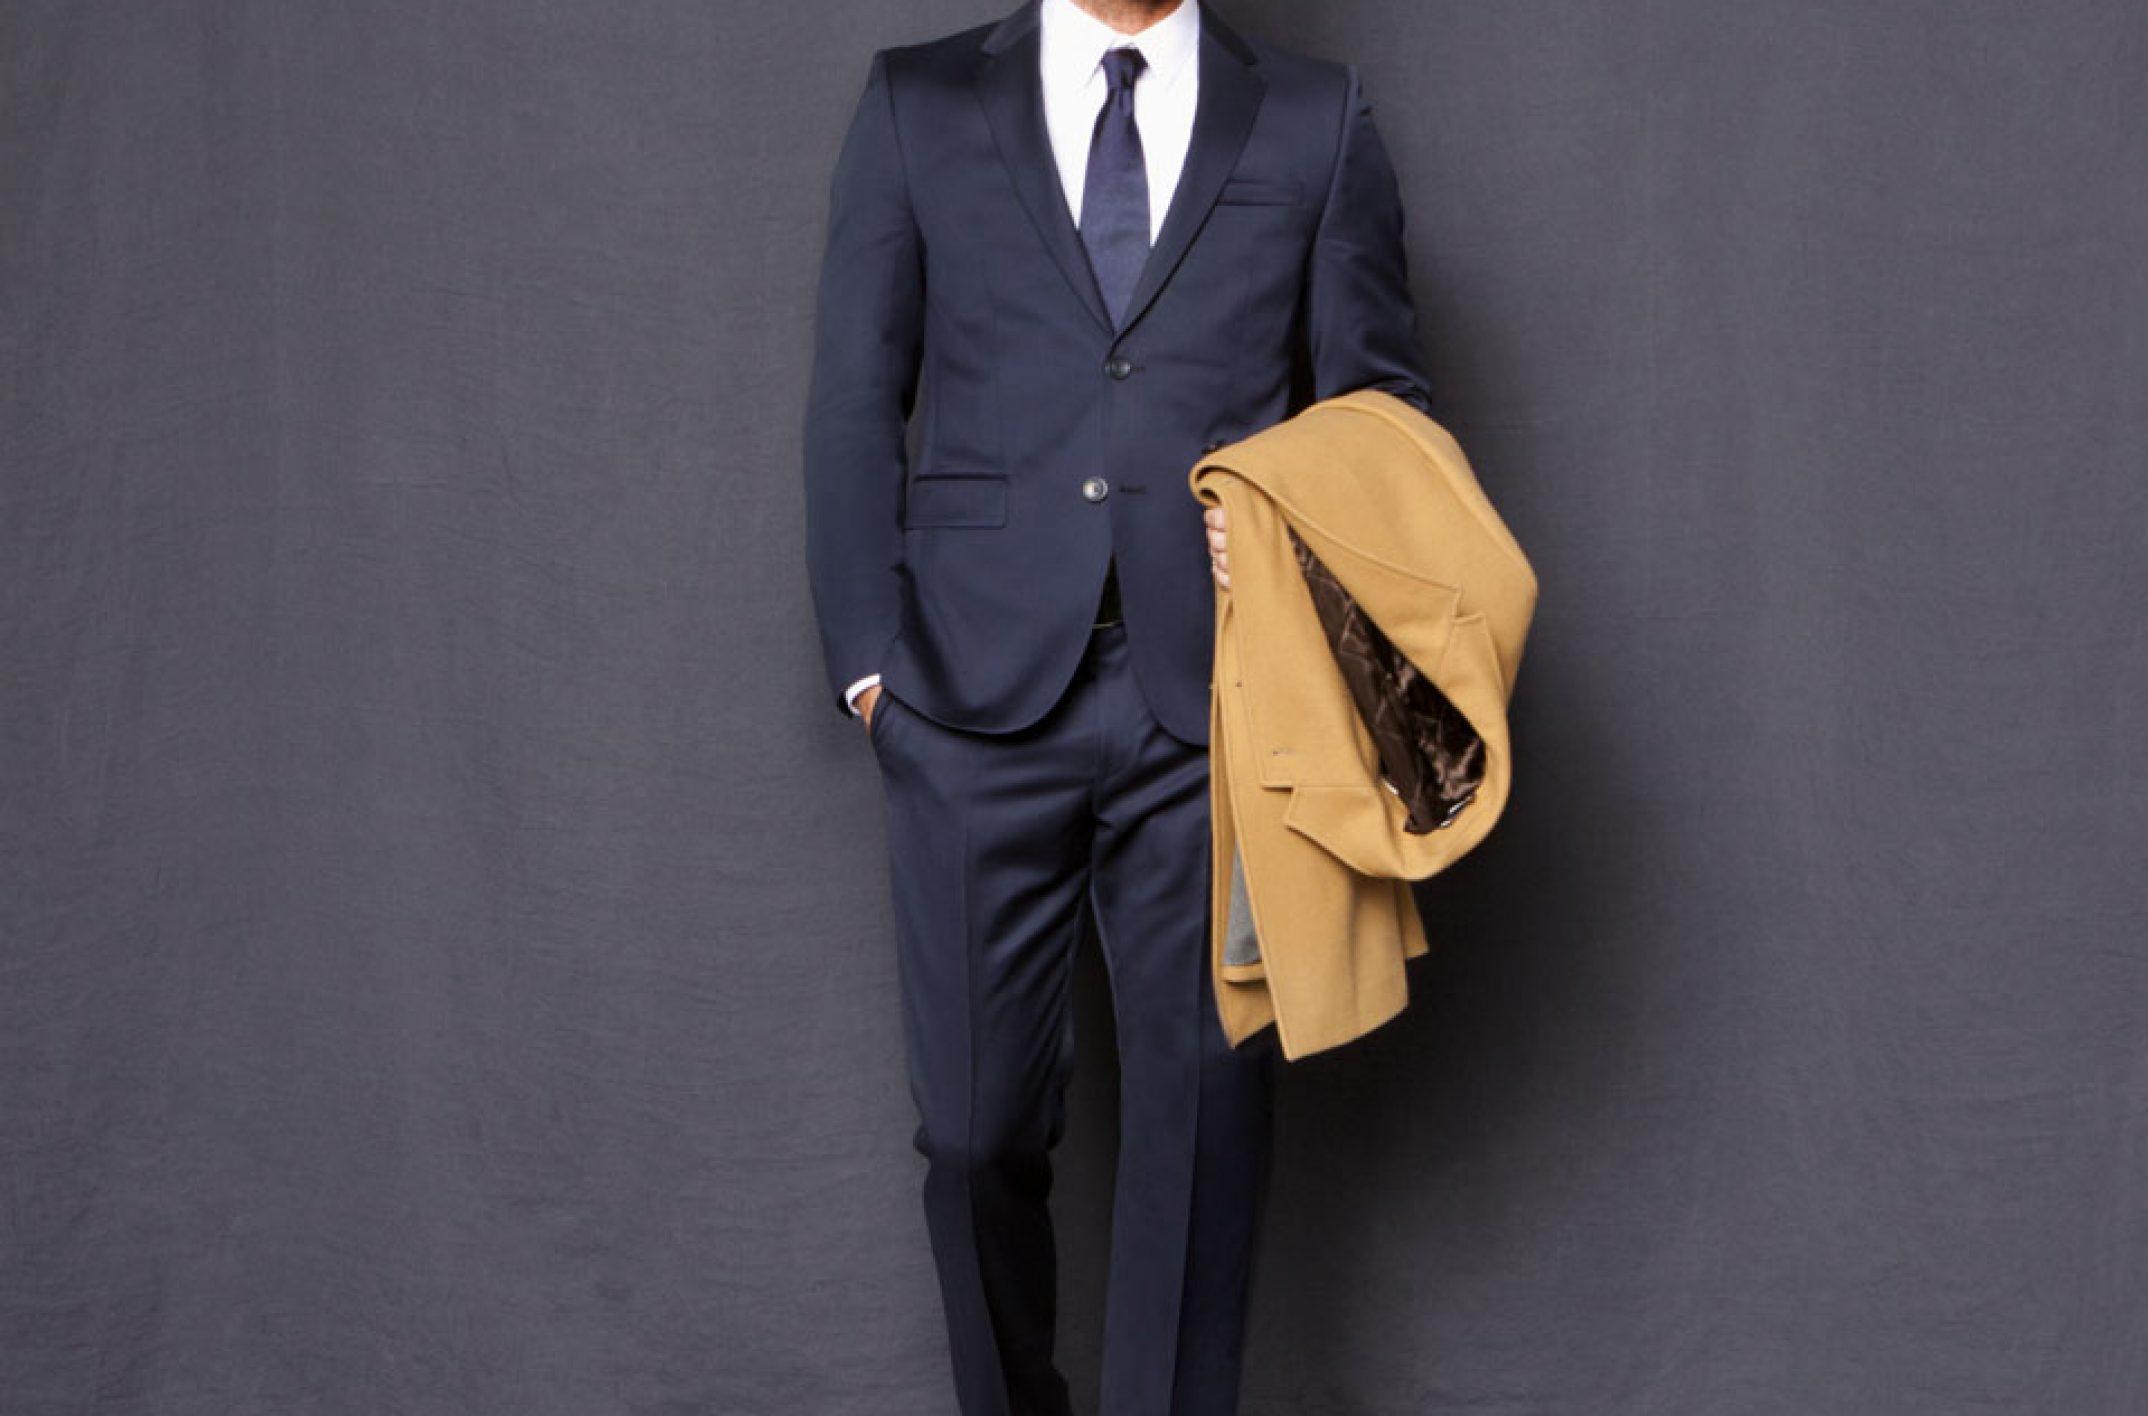 Costume homme, où peut-on trouver des modèles pas chers ?